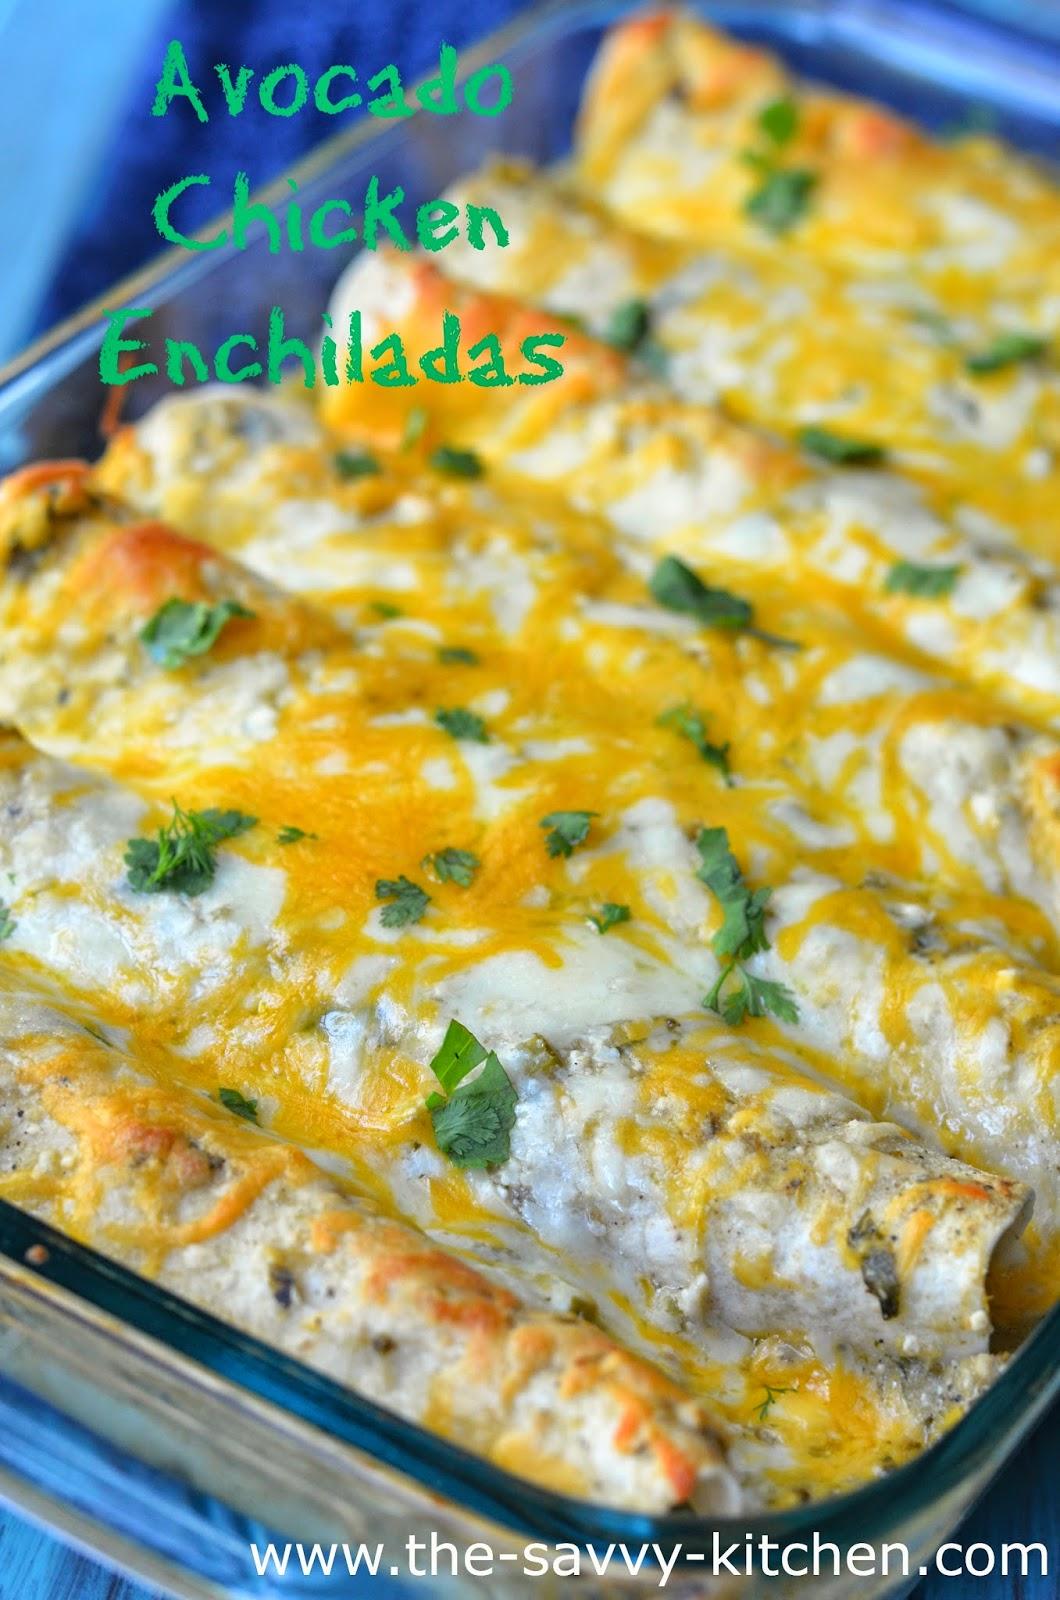 The Savvy Kitchen: Avocado Chicken Enchiladas